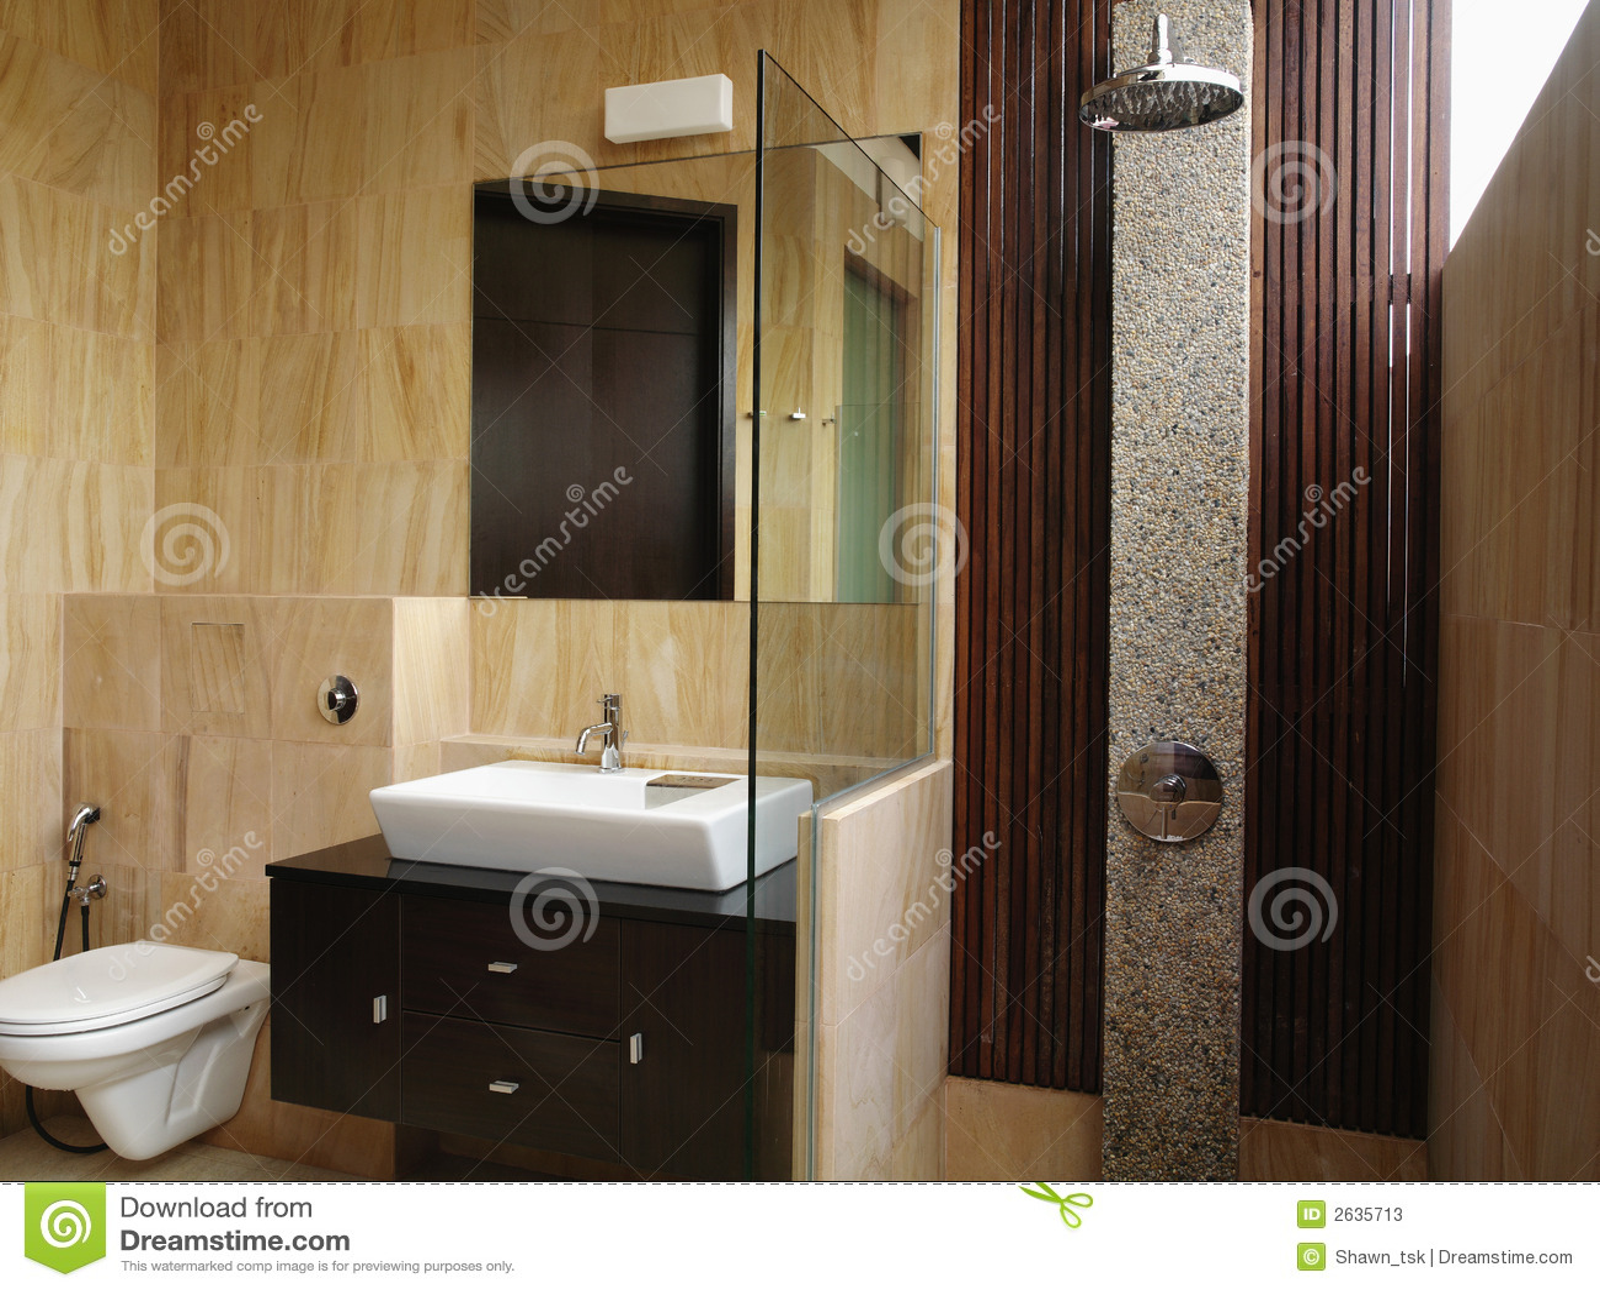 Disegno Interno - Stanza Da Bagno Fotografie Stock - Immagine: 2635713